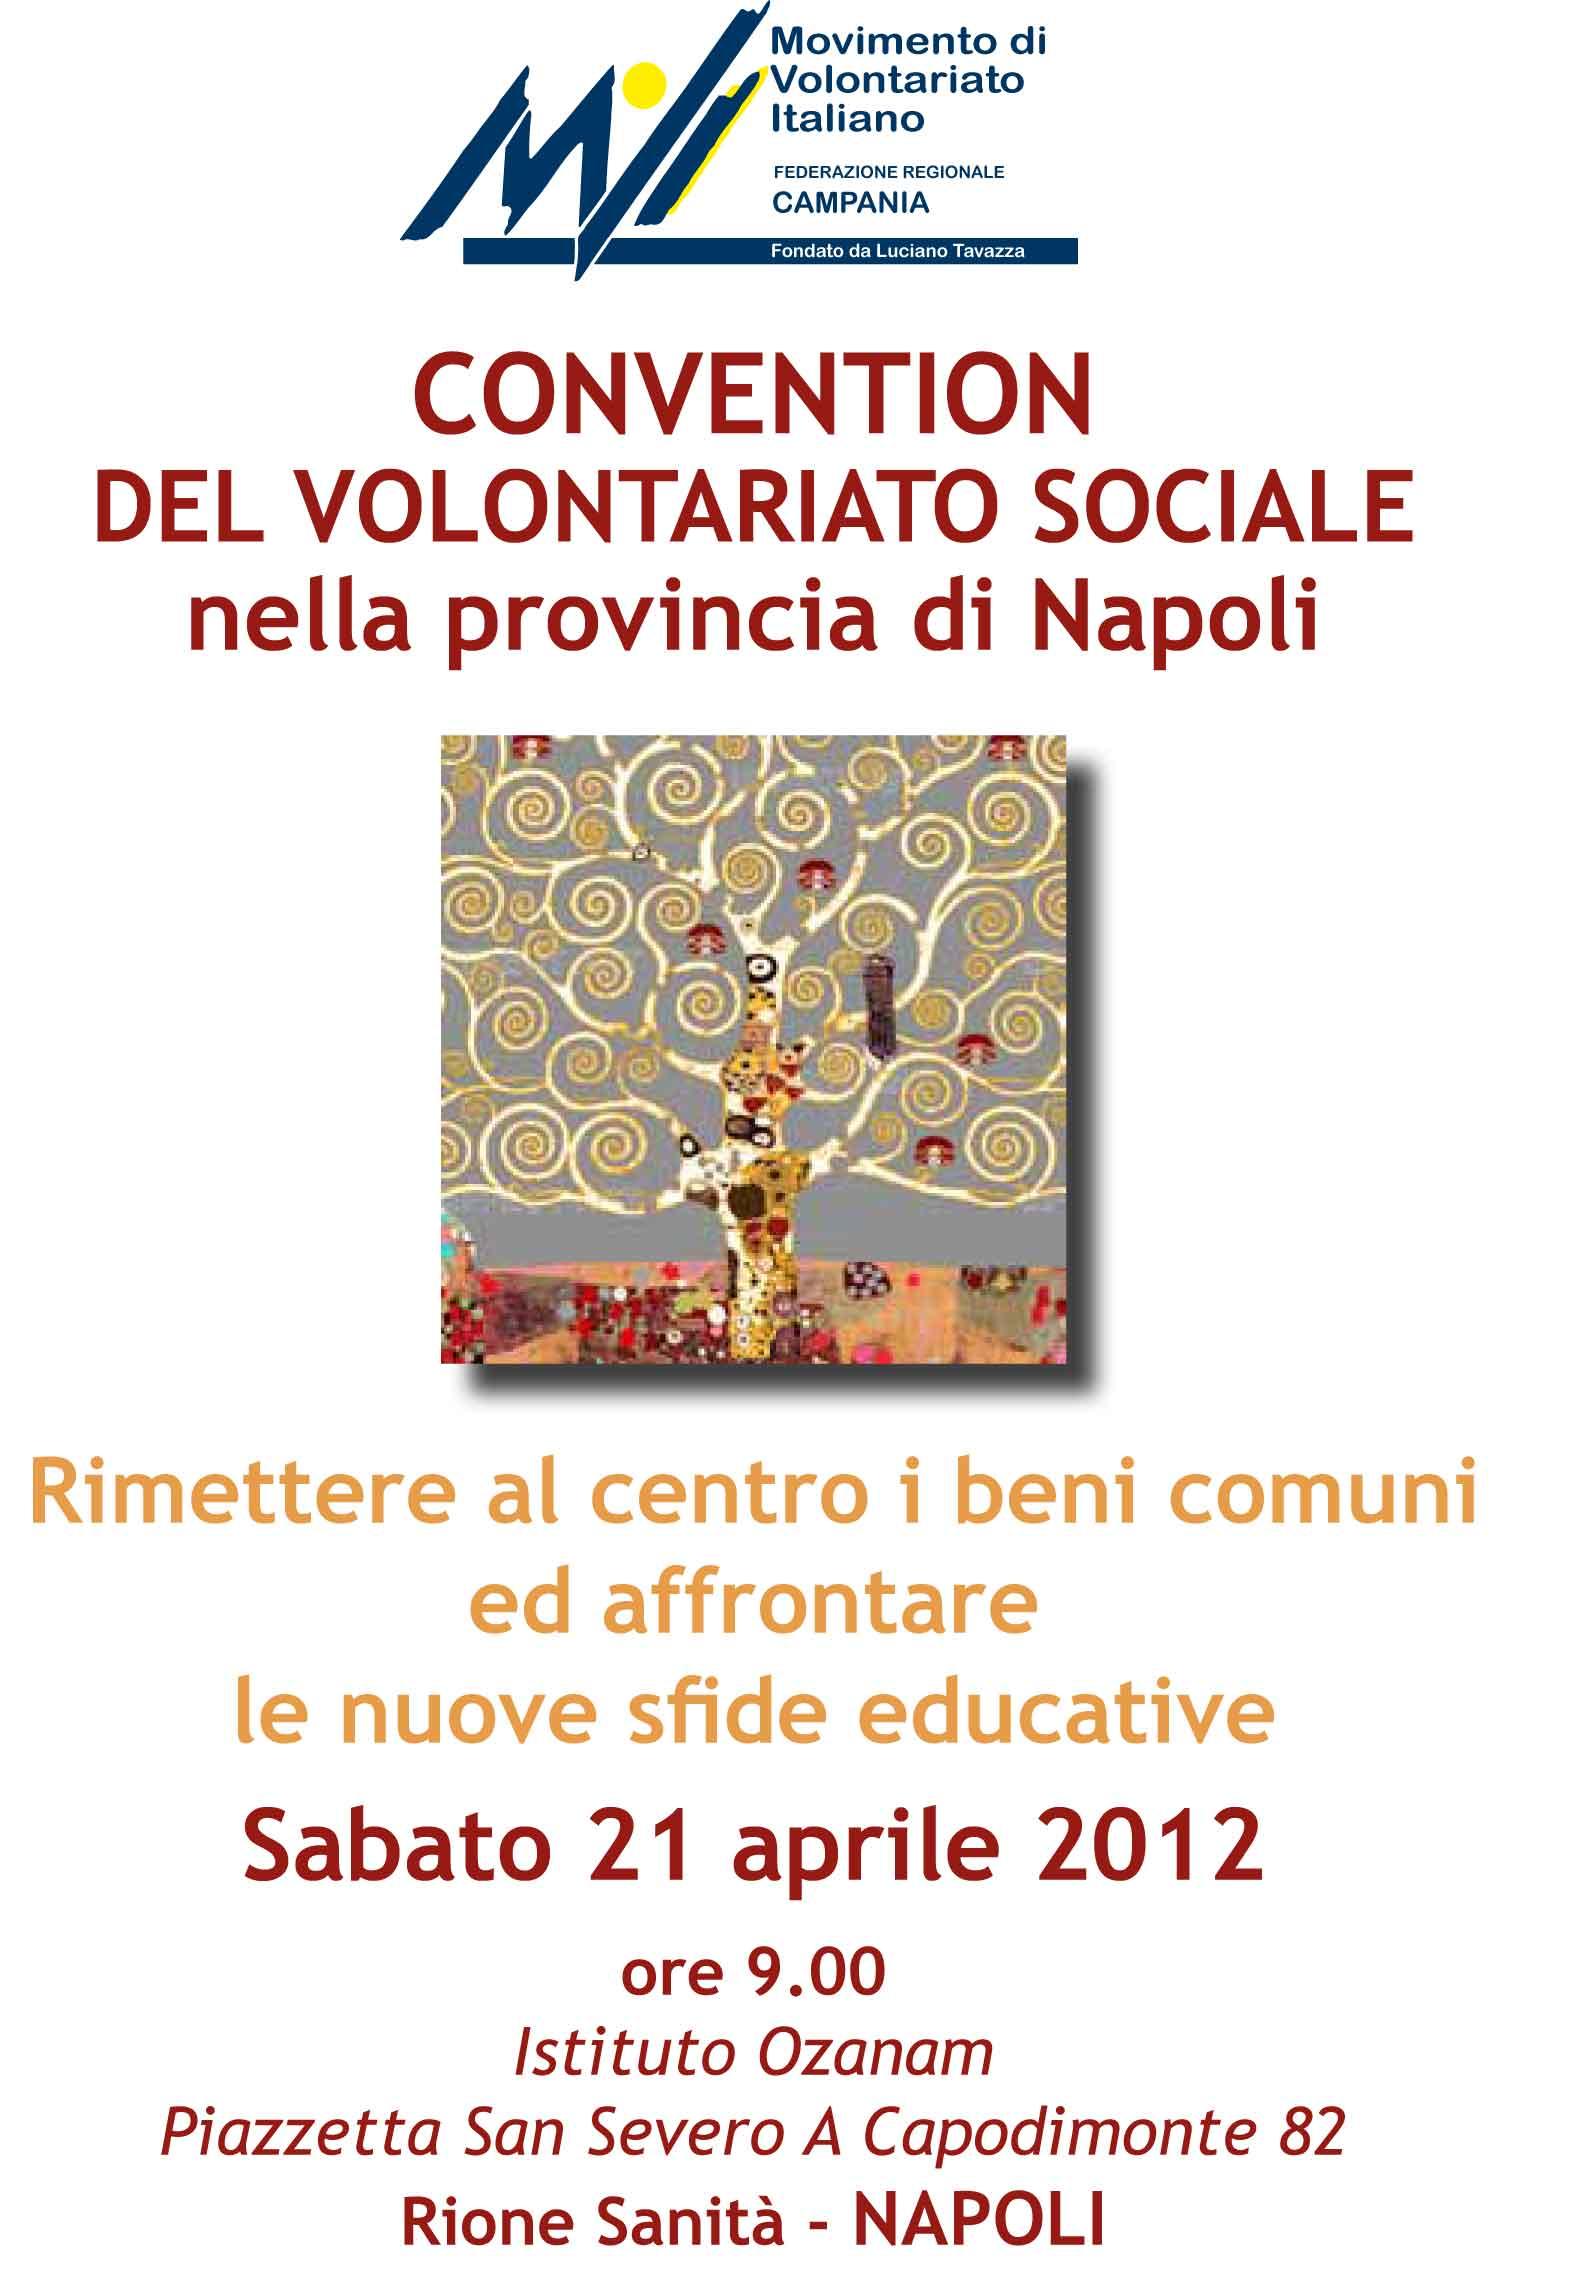 Convention del volontariato sociale nella provincia di Napoli